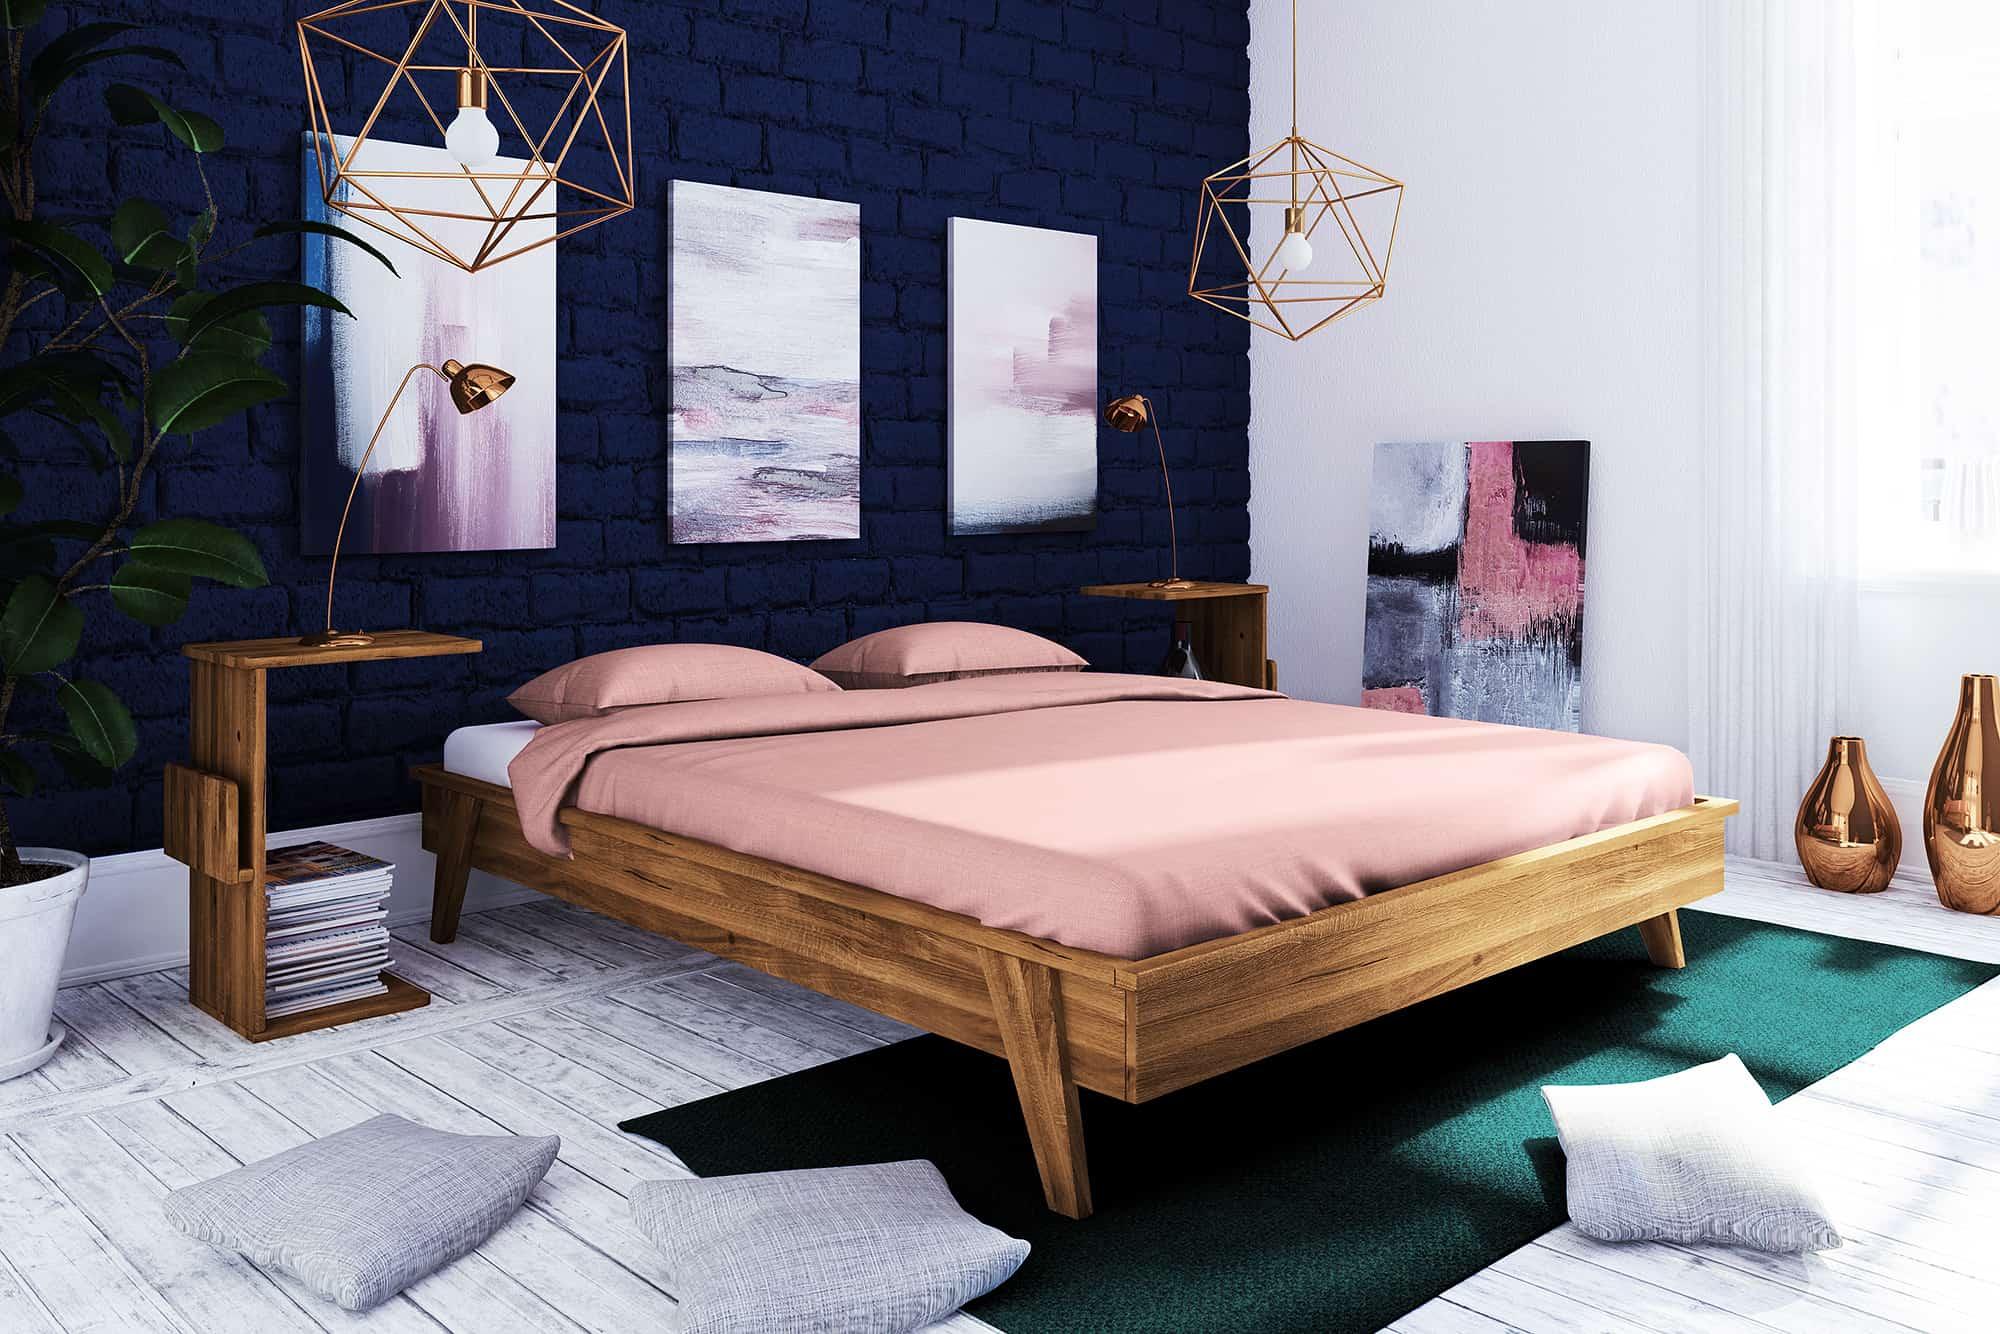 Zdjęcie 2 - RETRO - Kolekcja mebli do sypialni z drewna litego